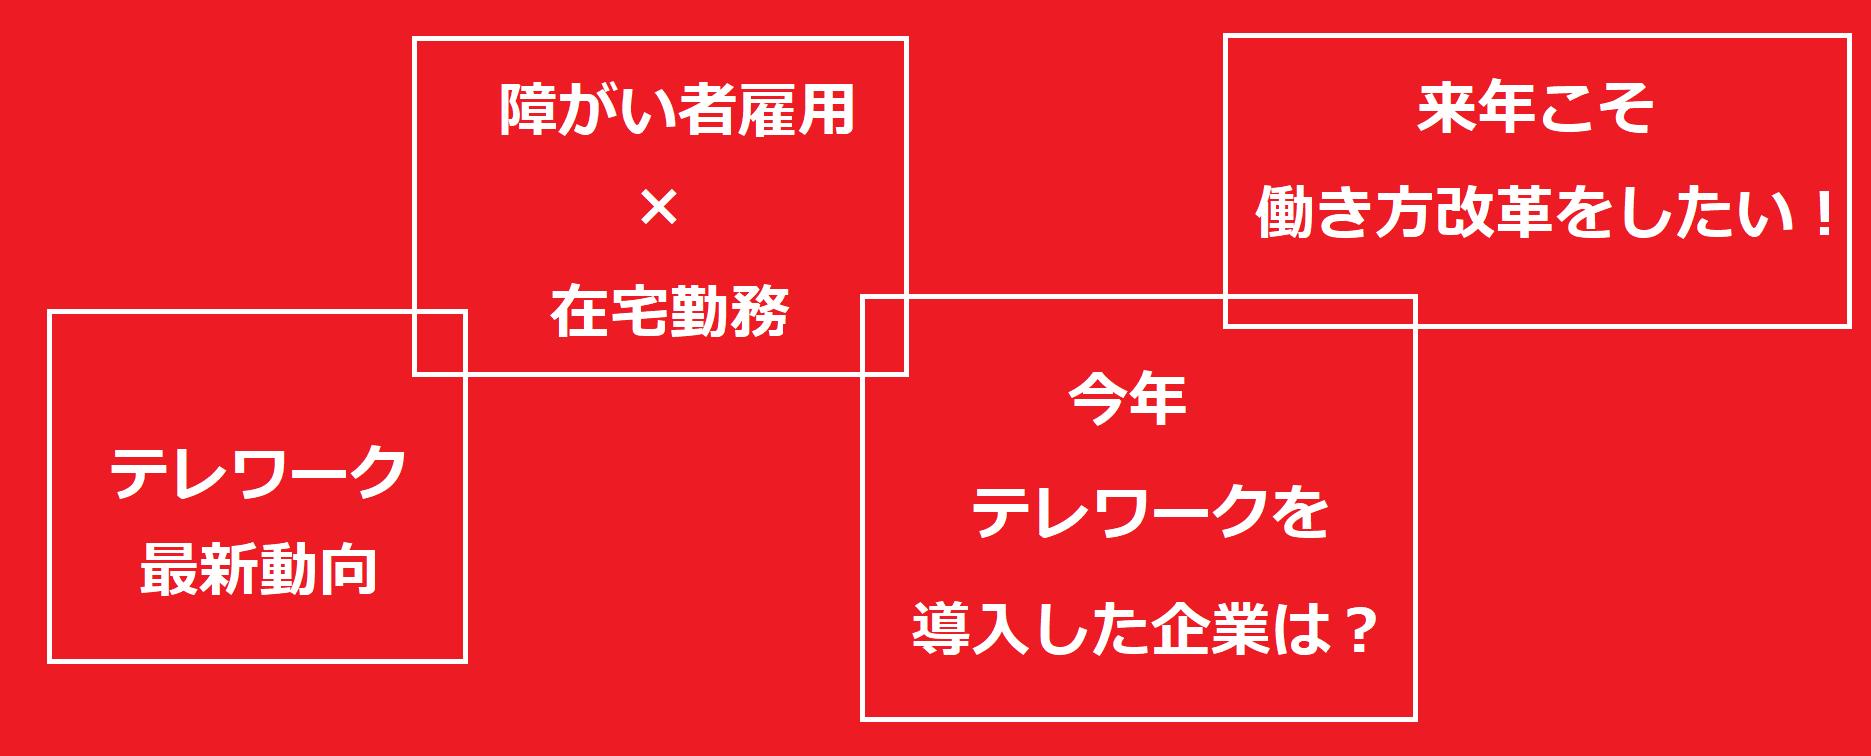 テレワークミニセミナー|田澤由利講演